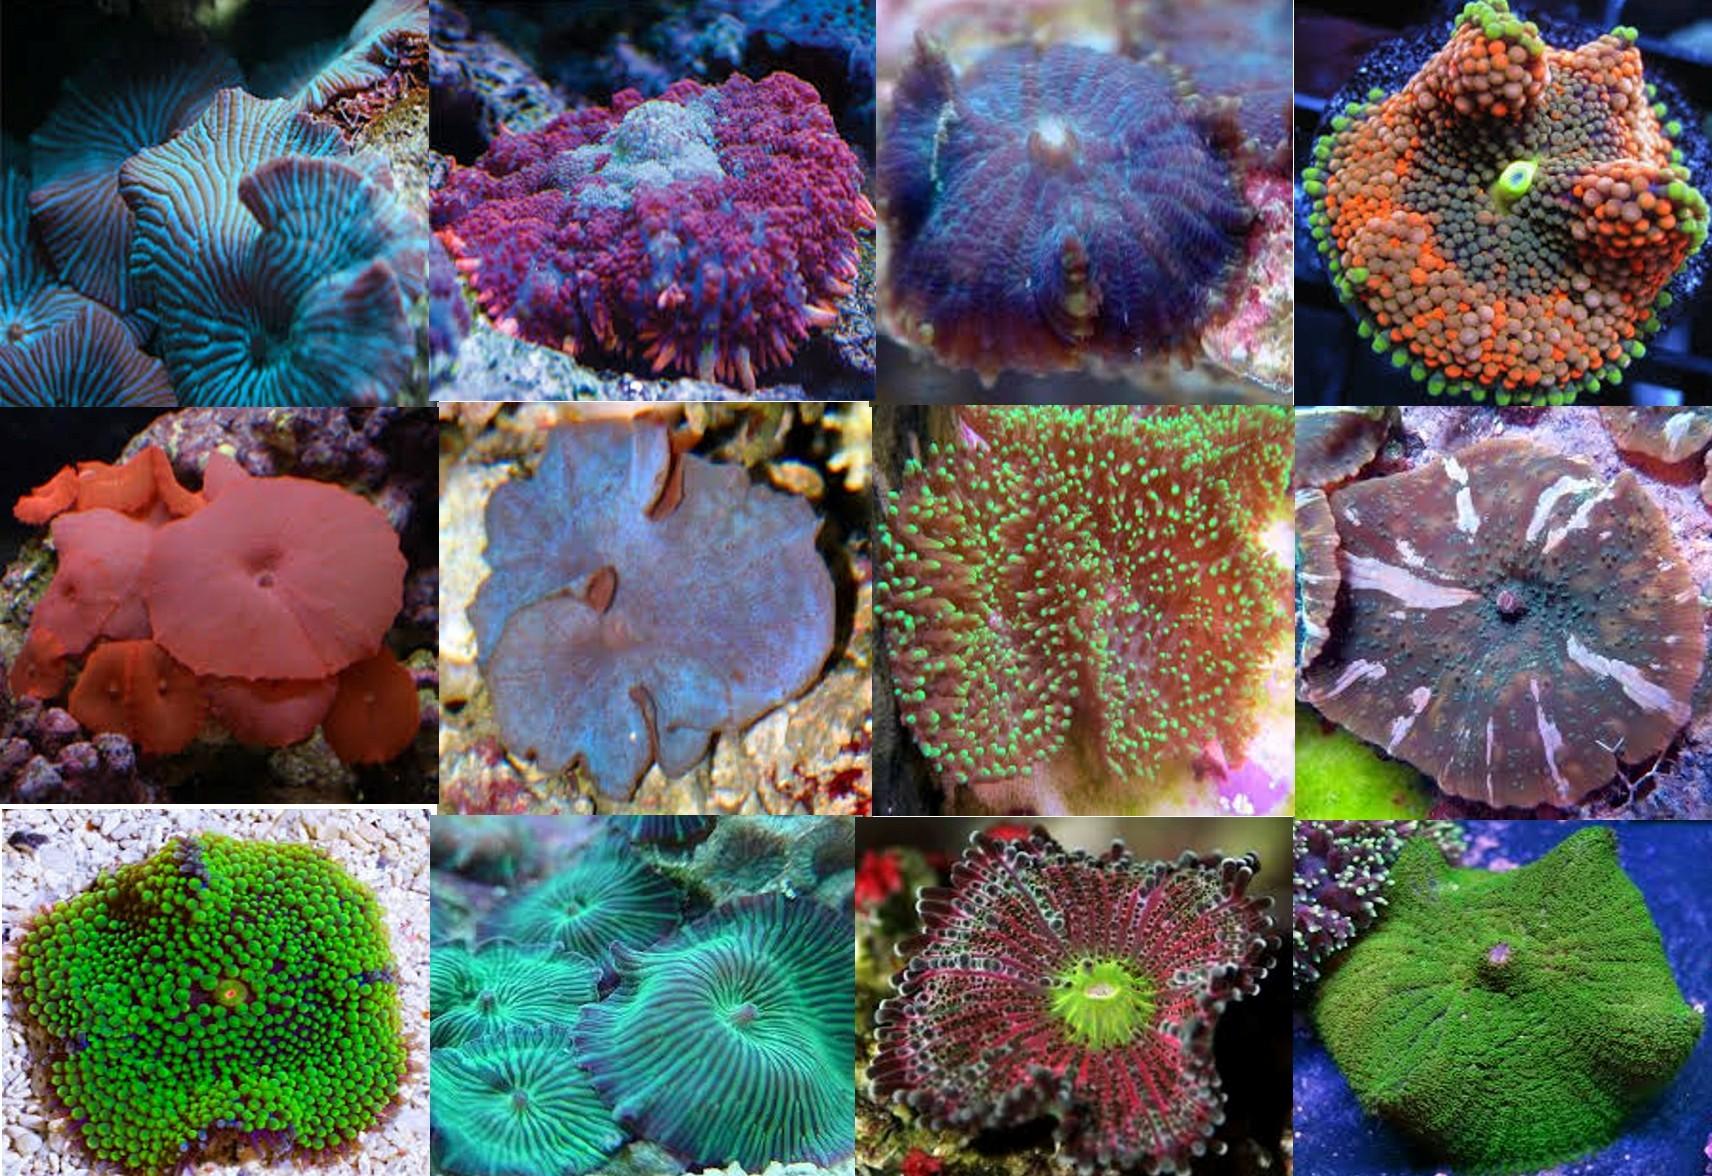 Aquarium Coral Pack: Saltwater Aquarium Corals